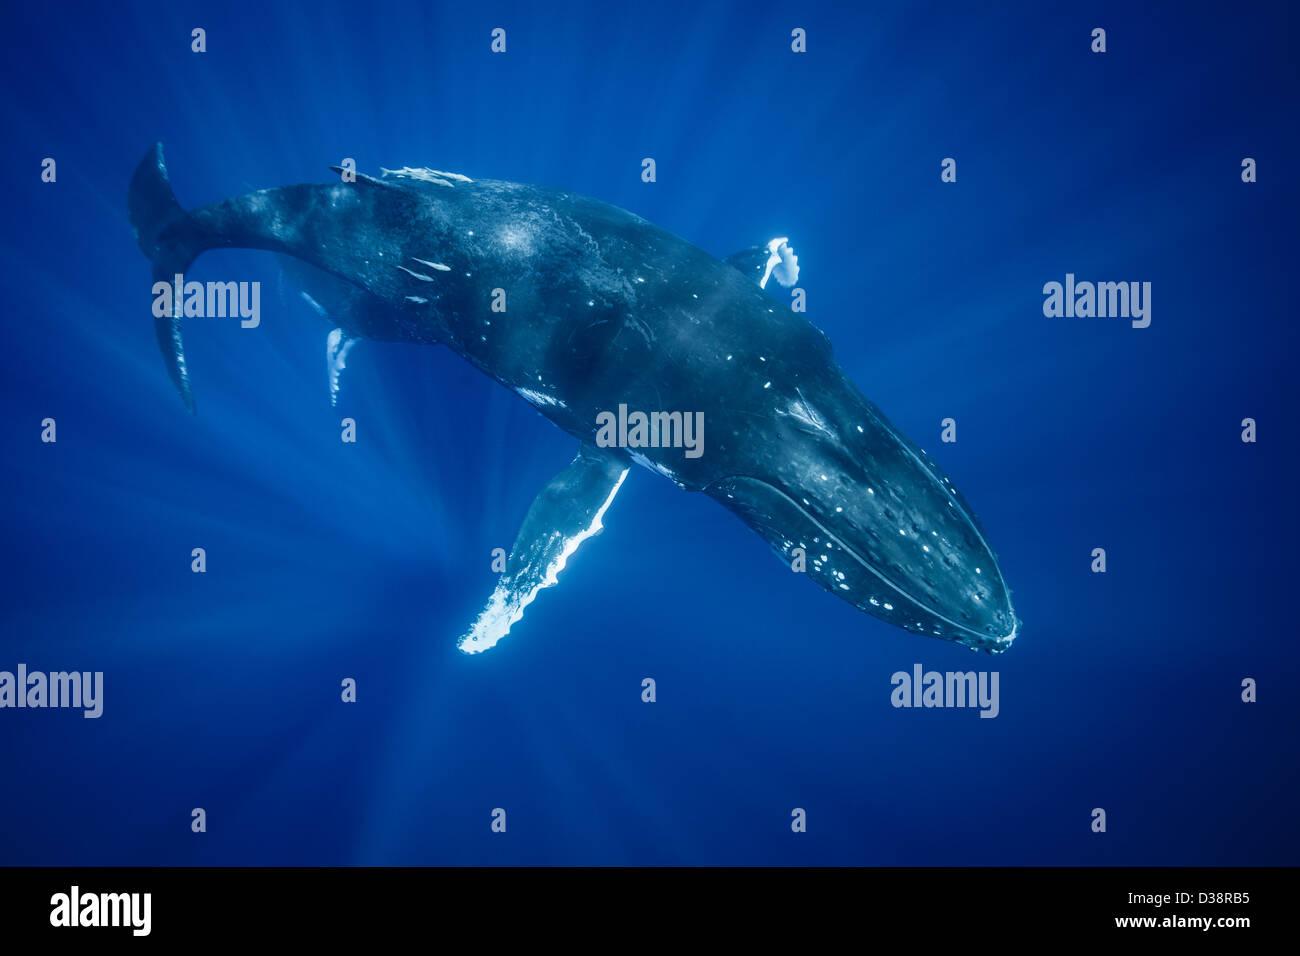 Humpback Whale nuoto sott'acqua Immagini Stock